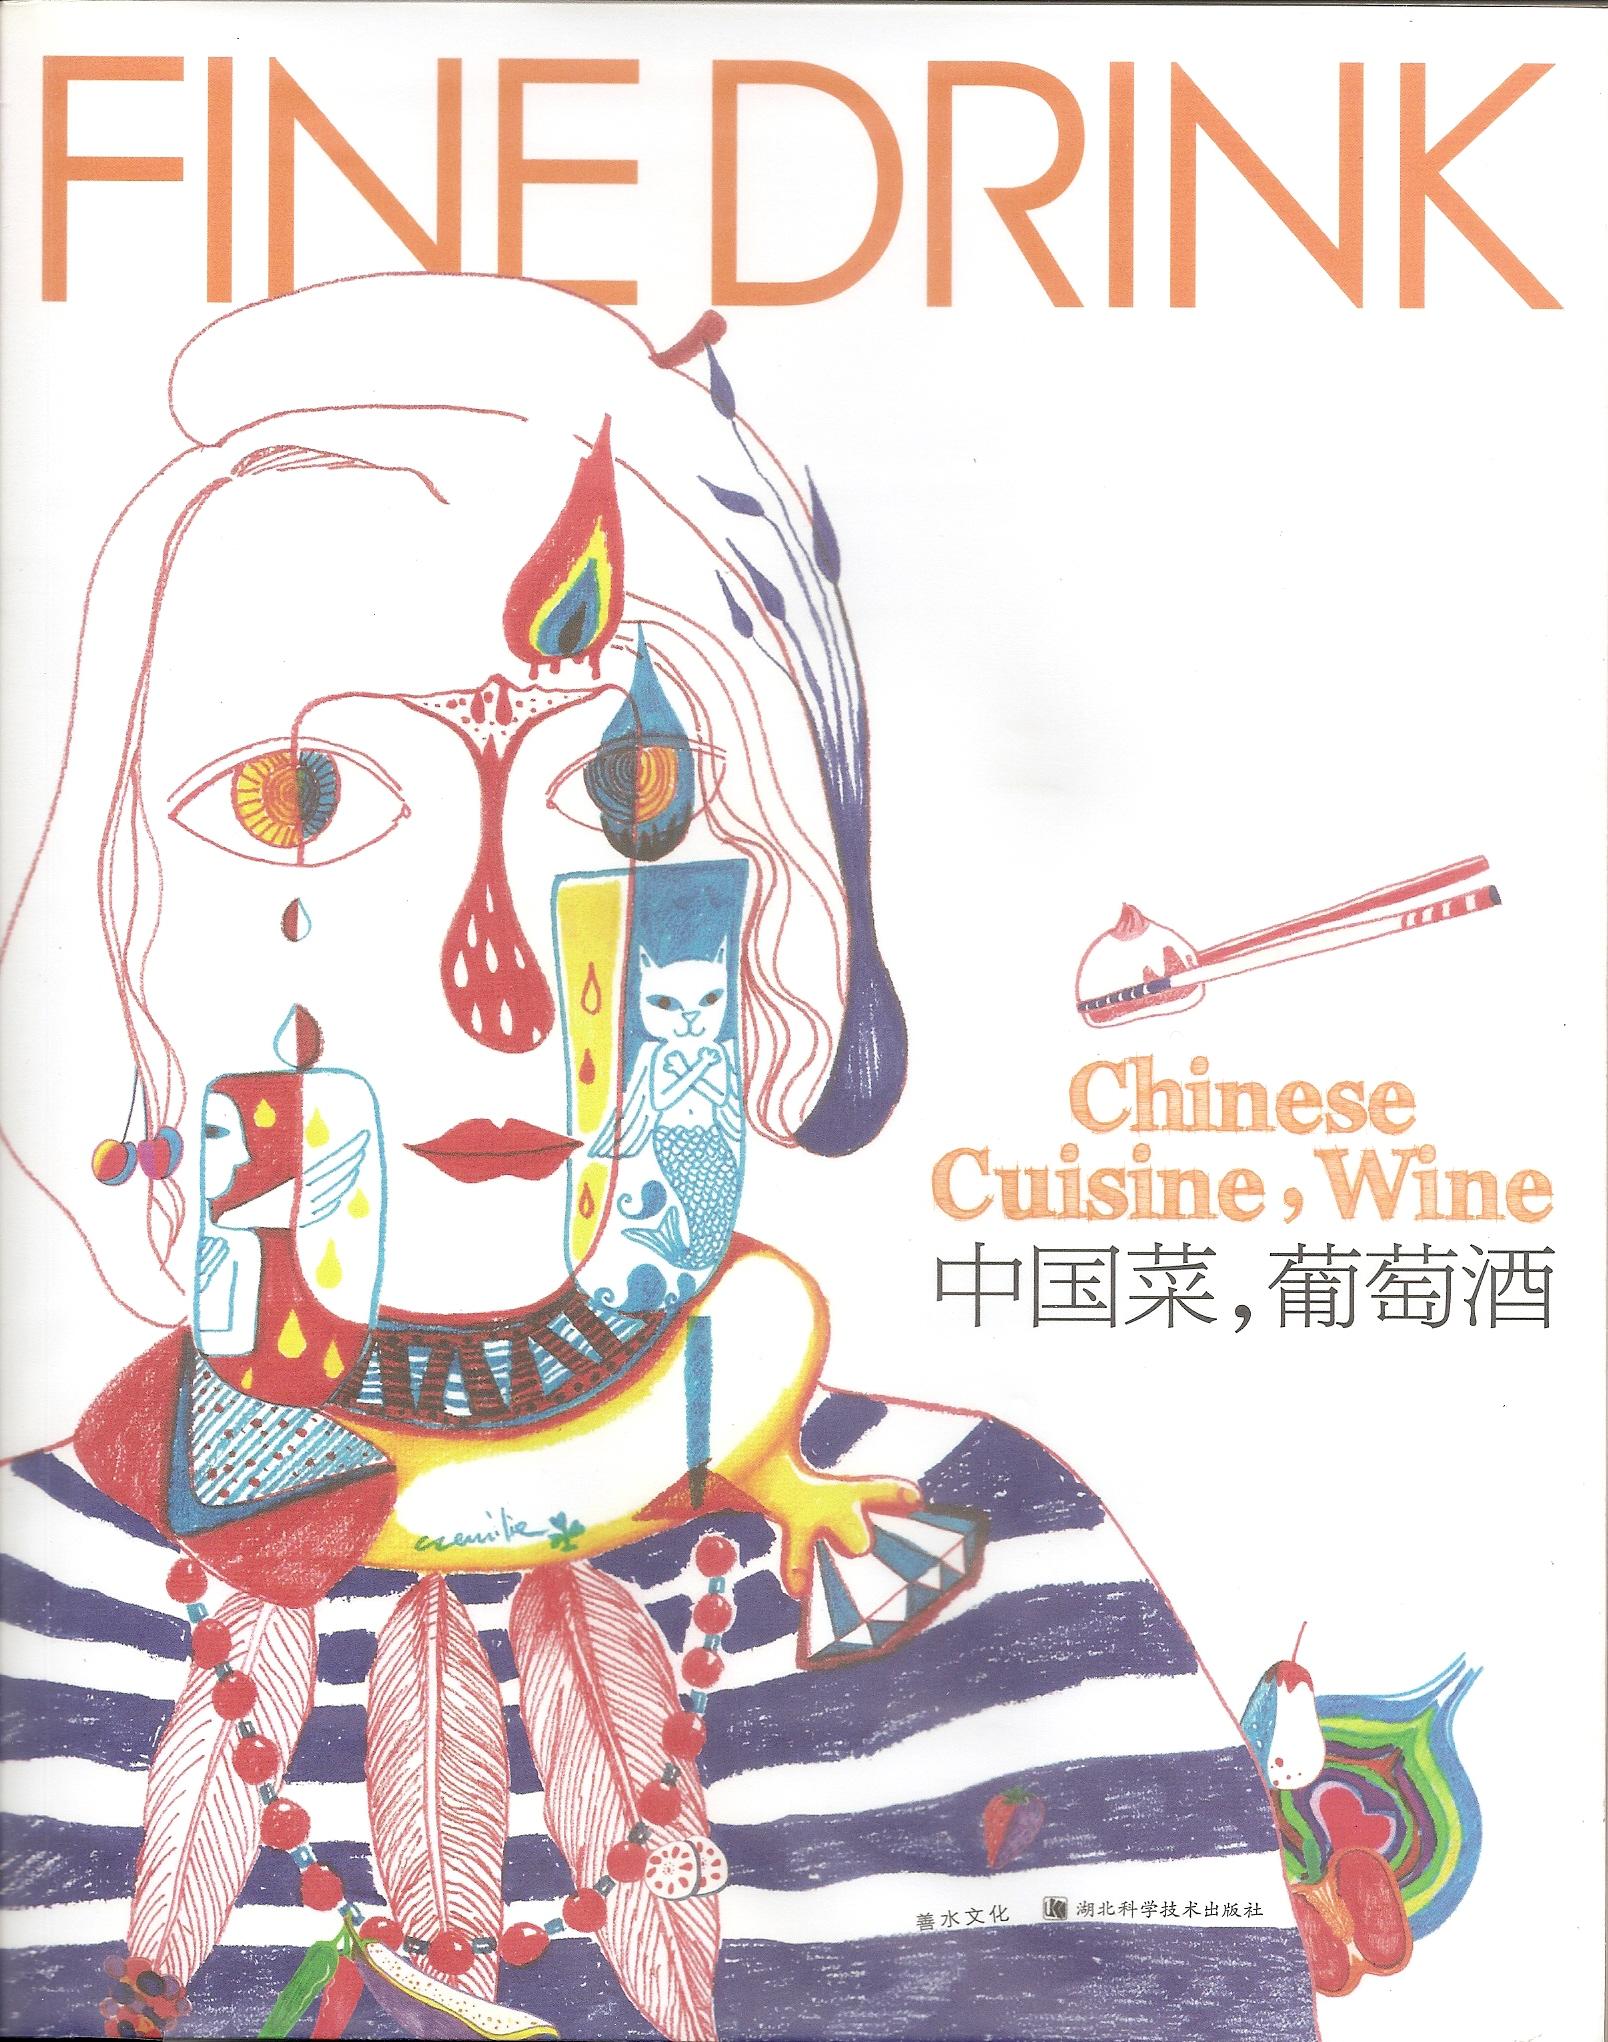 中国菜,葡萄酒